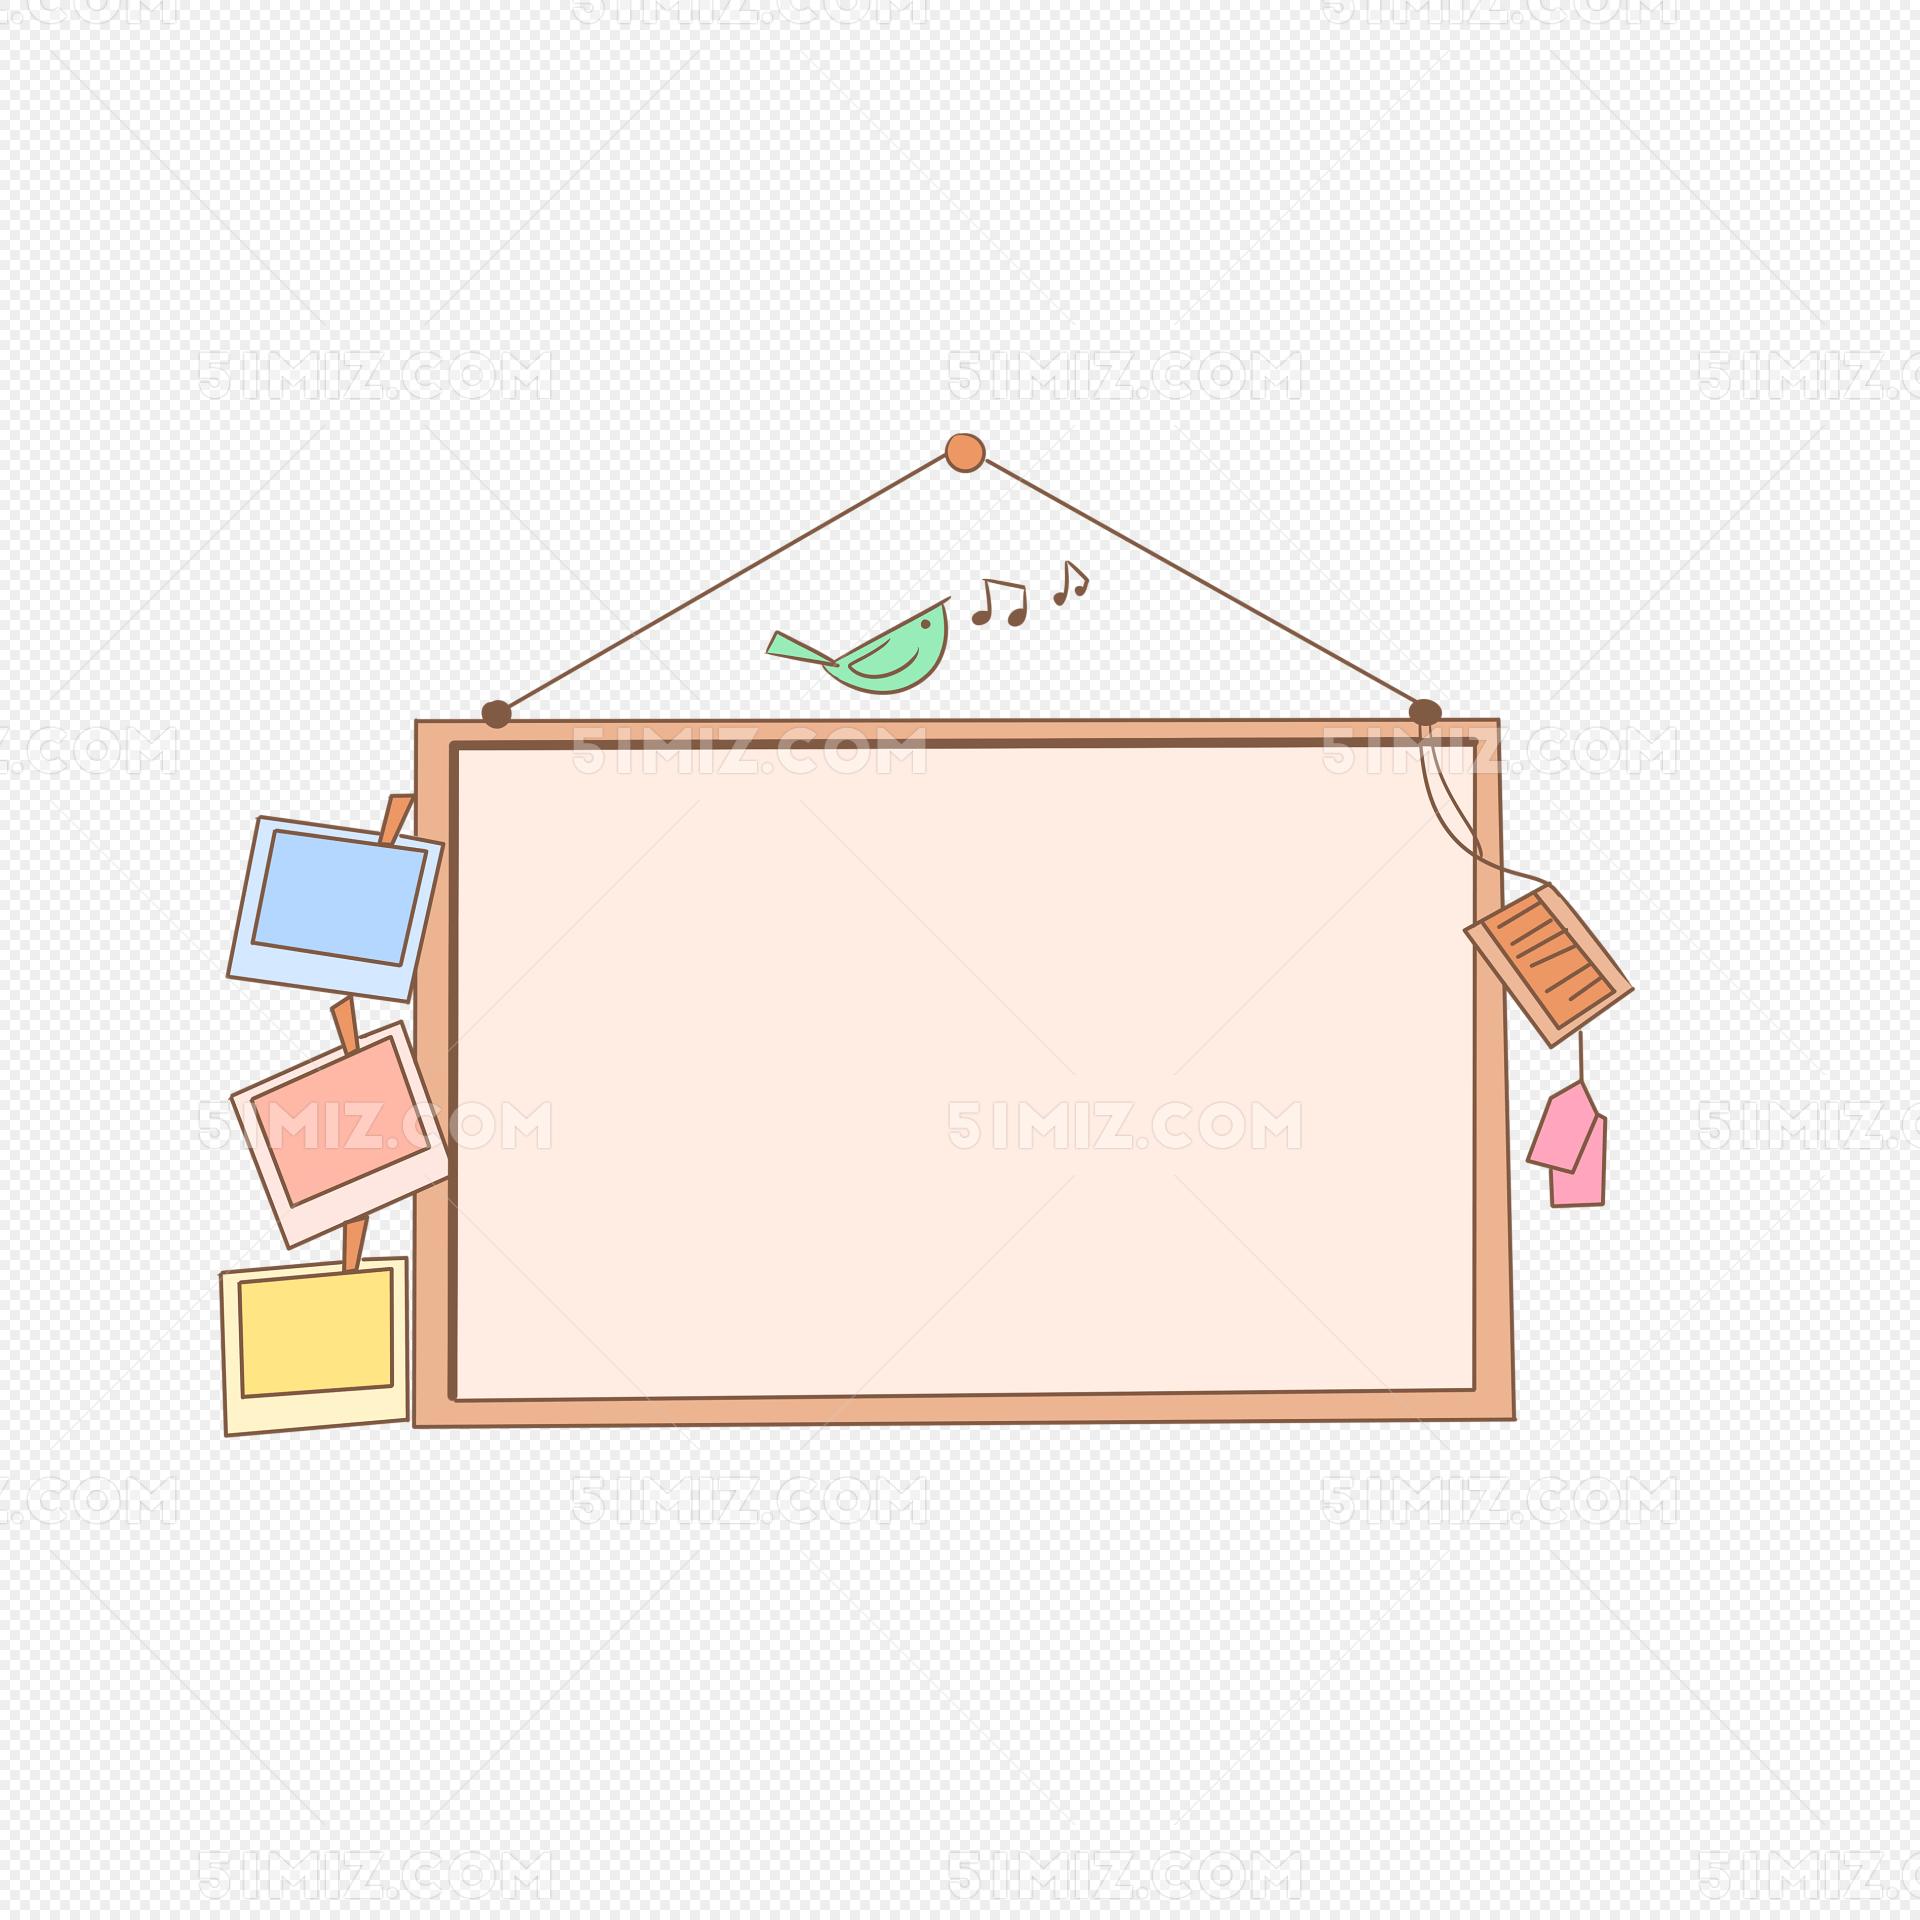 可爱卡通公告栏边框手绘插画图片素材免费下载_觅知网